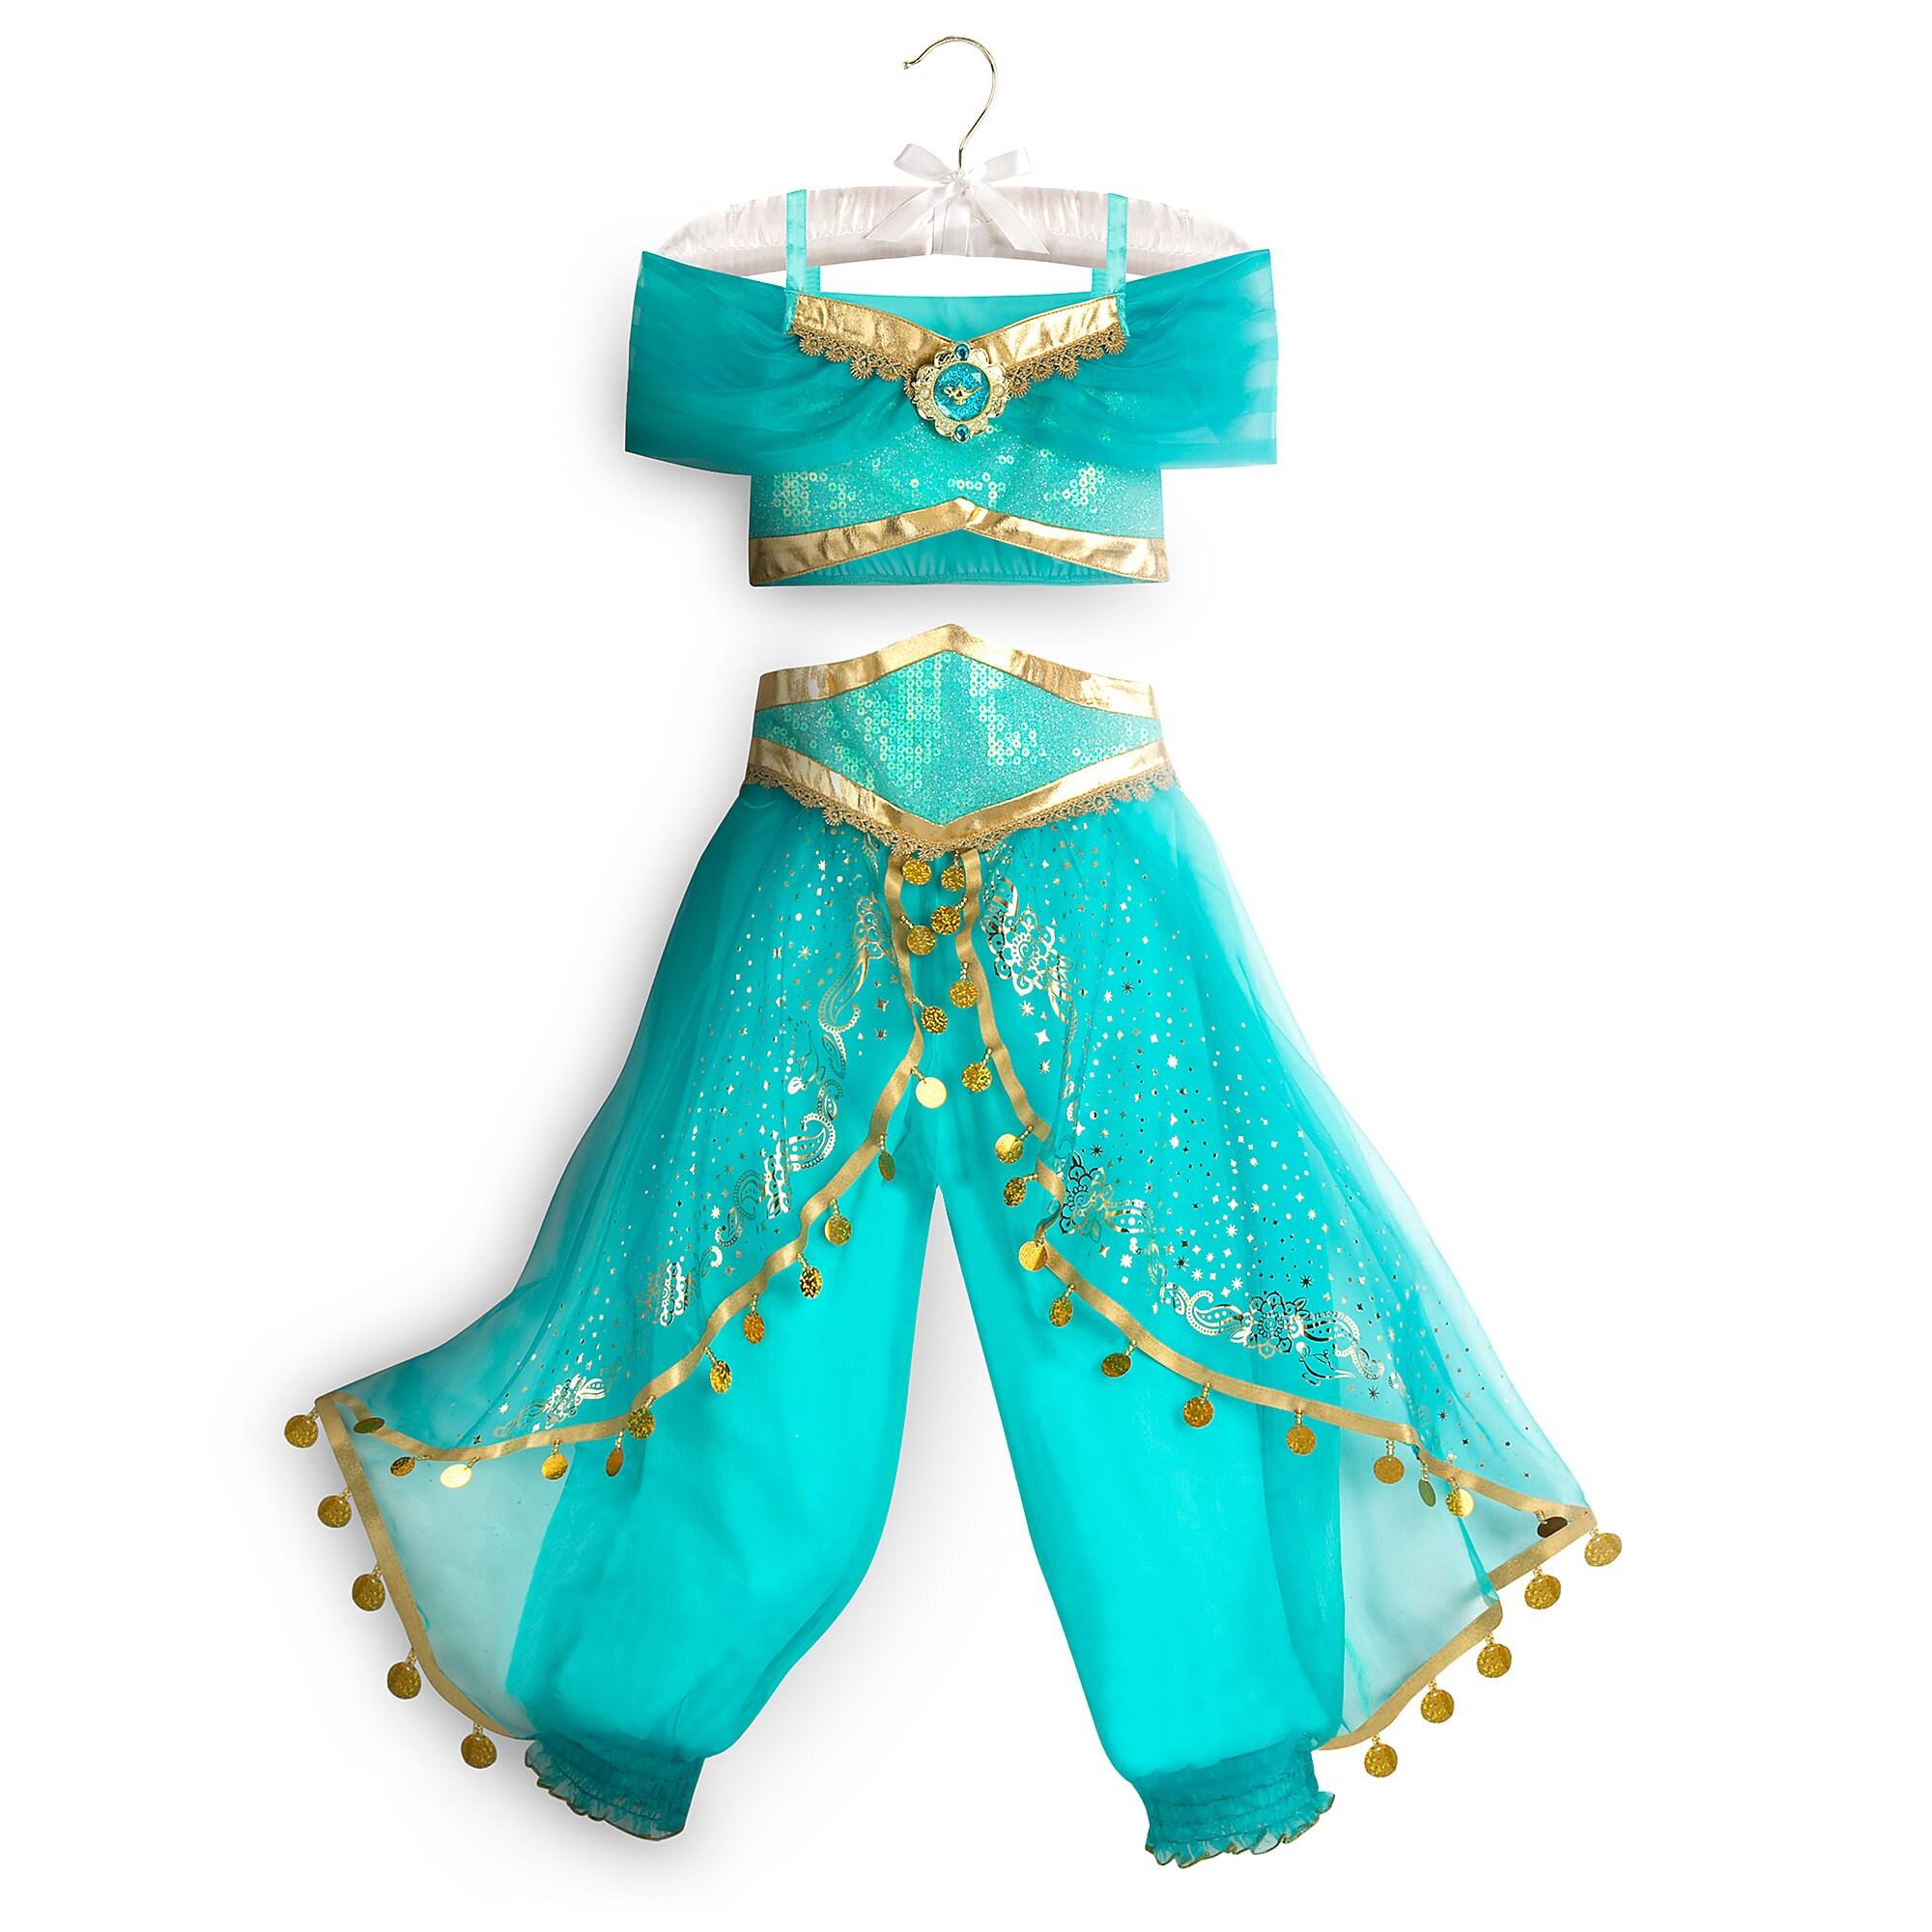 Thumbnail Image of Jasmine Costume for Kids # 1  sc 1 st  shopDisney & Jasmine Costume for Kids   shopDisney